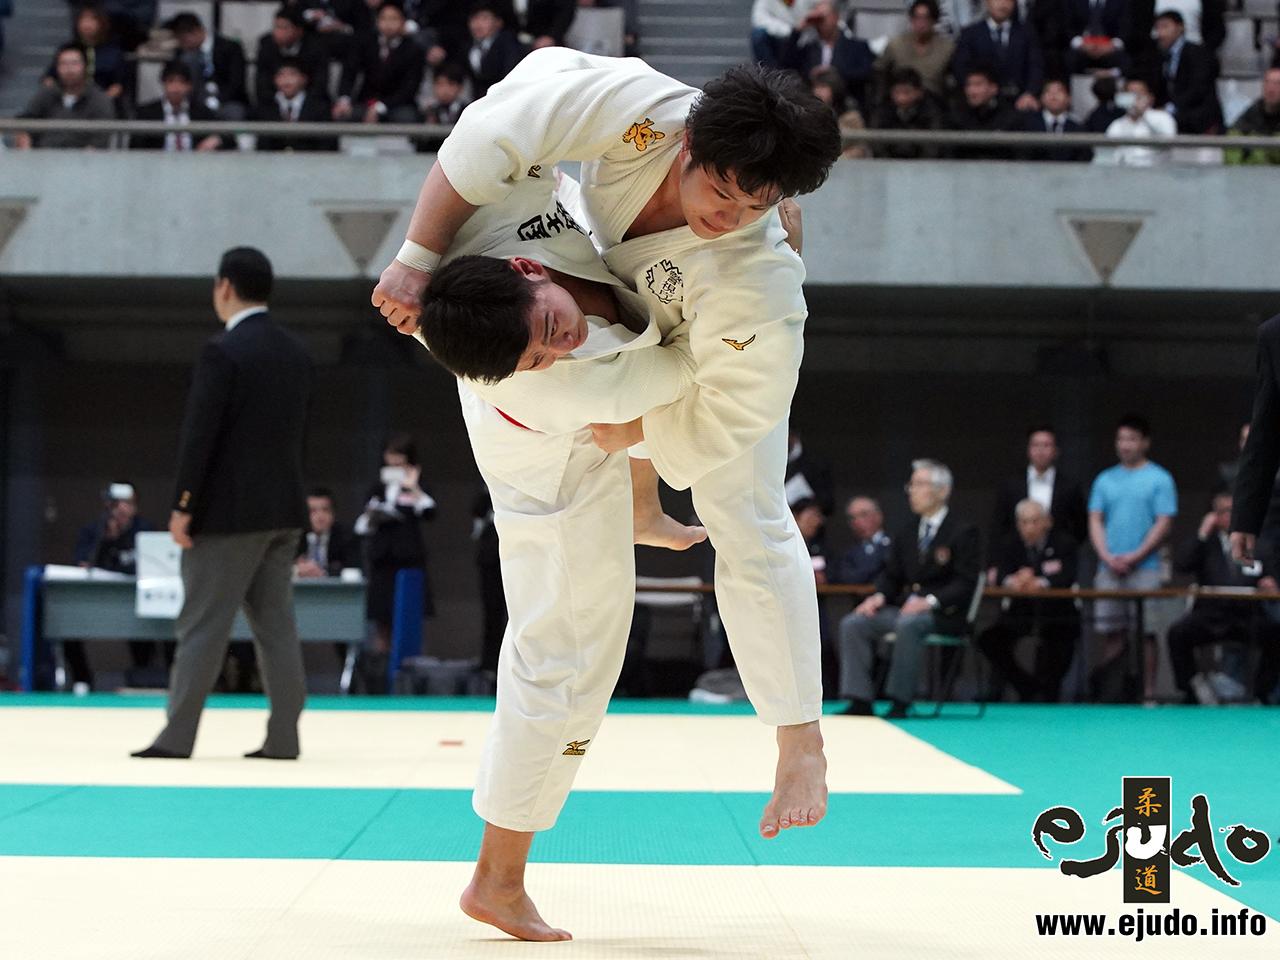 平成31年全日本柔道選手権東京地区予選